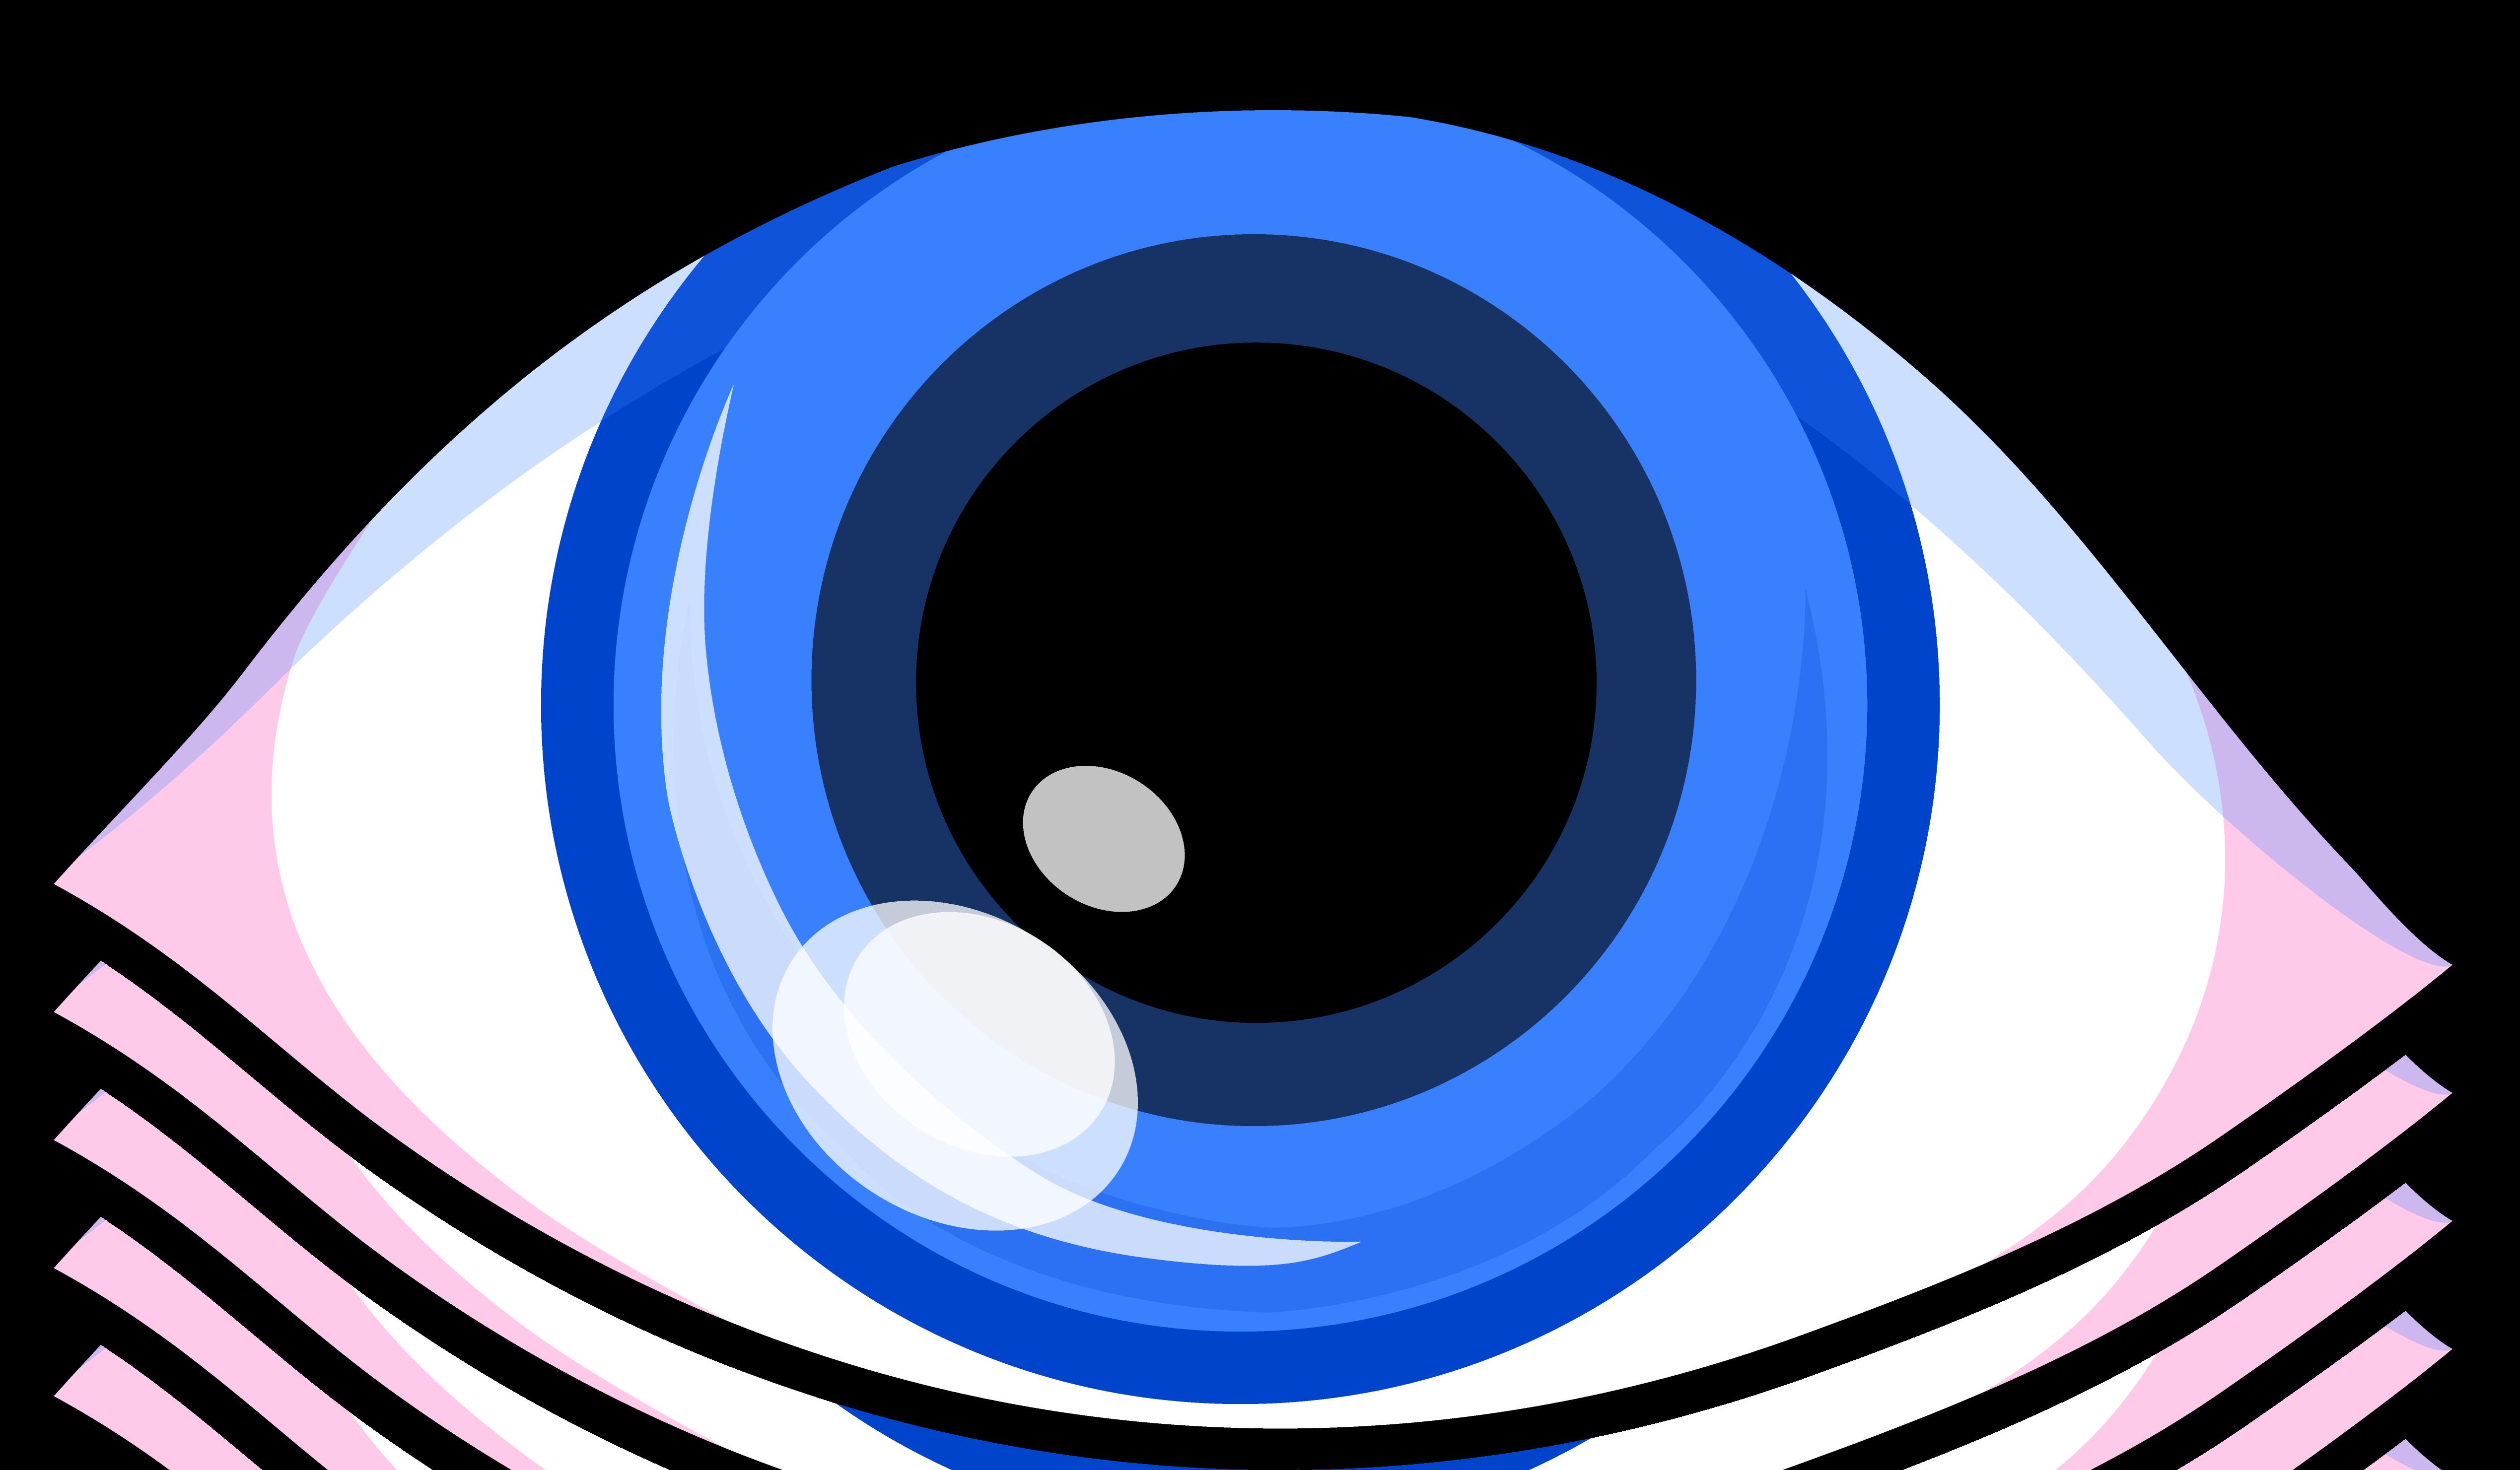 Hepatitis Clipart U0026middot; Eyeball C-hepatitis clipart u0026middot; eyeball clipart-15